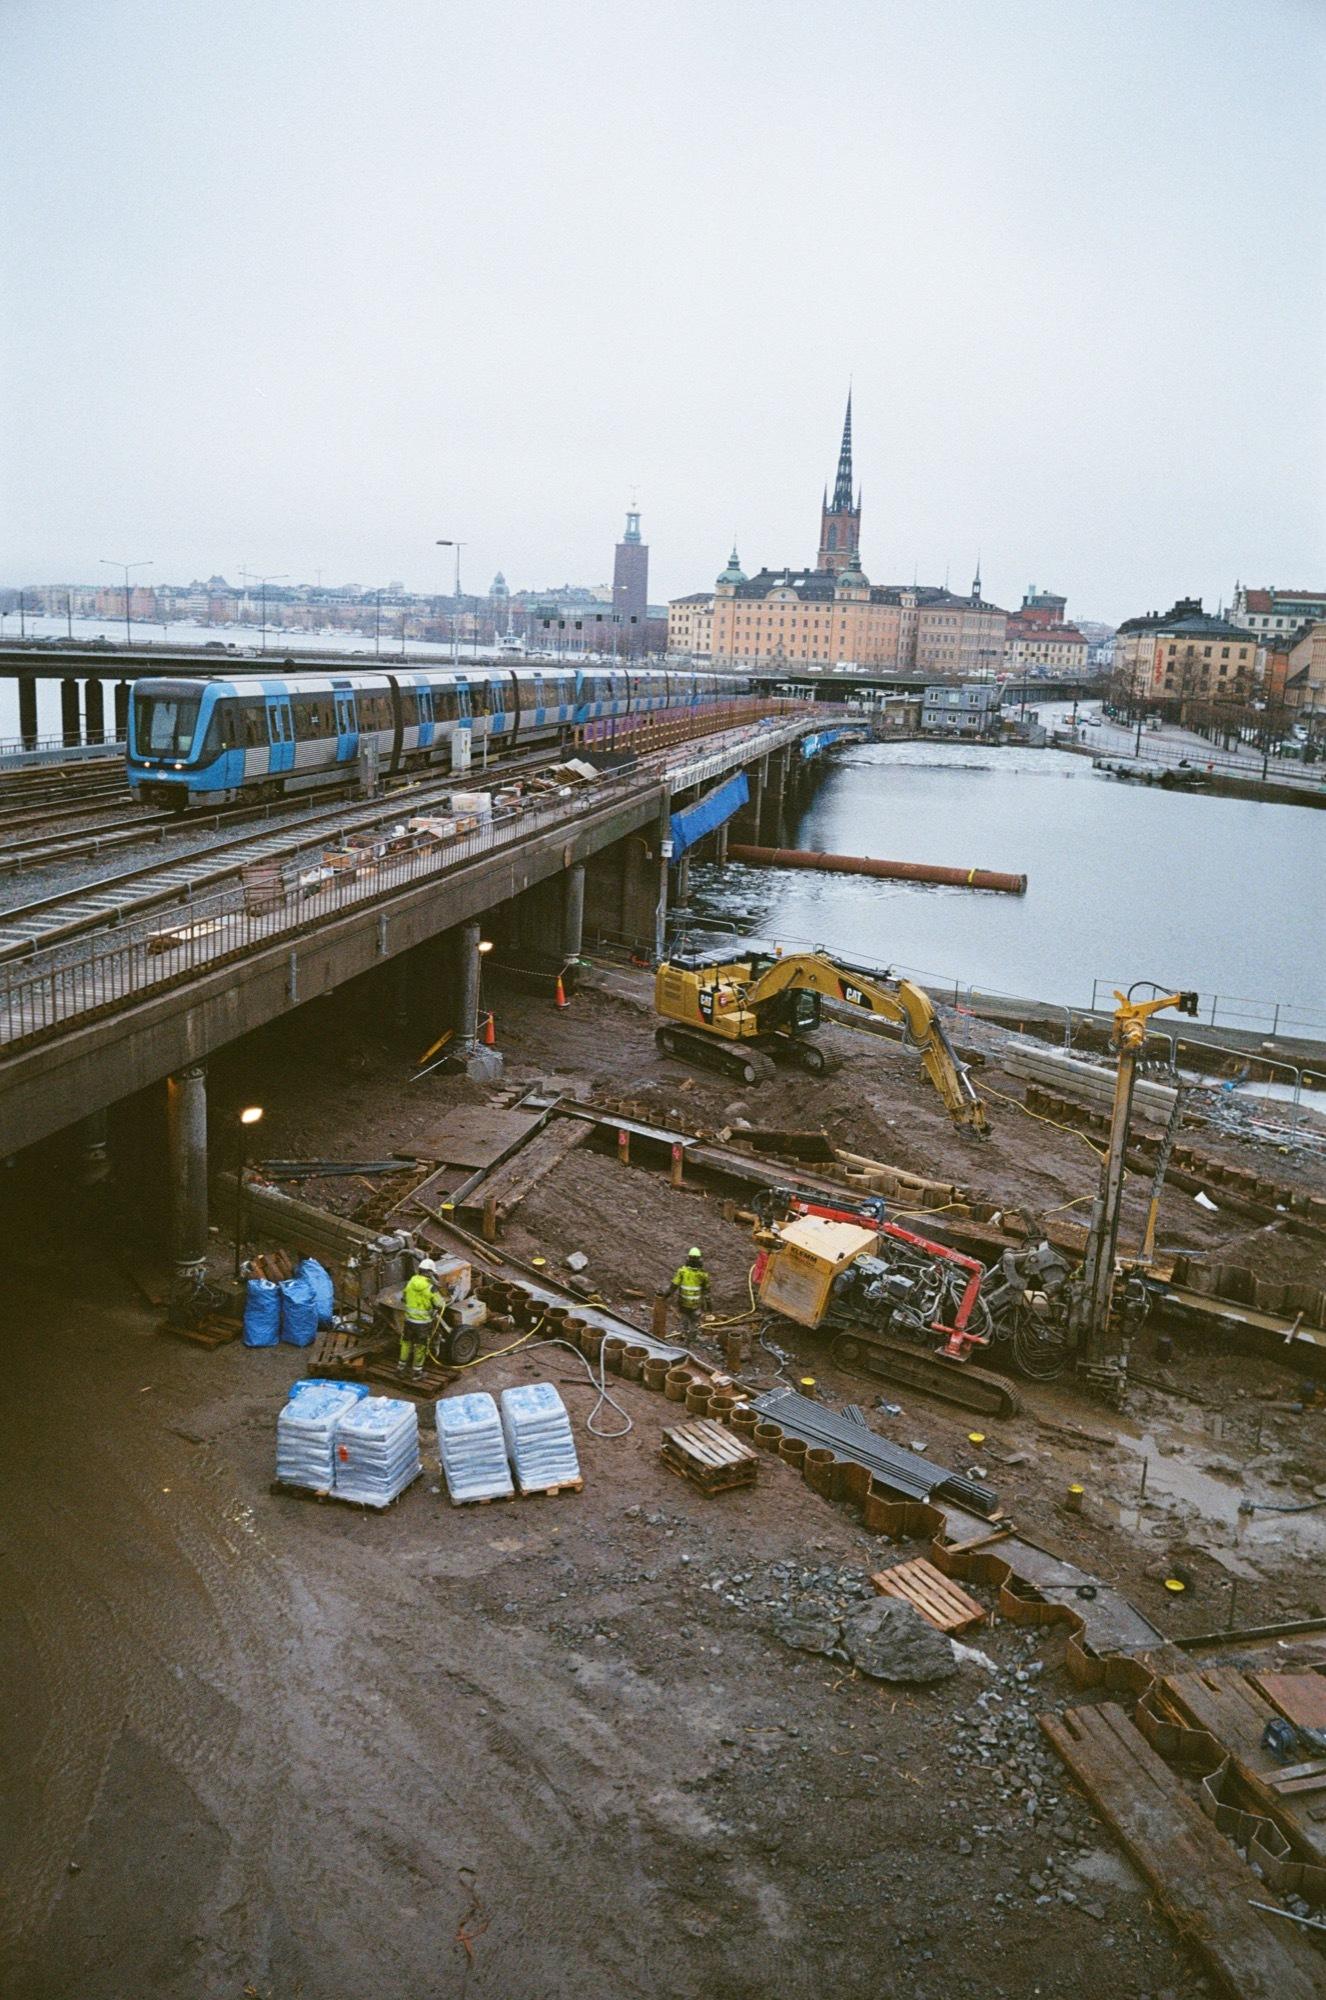 cameraville_leica_mda_stockholm_avenon_28mm_kodak_gold_400_21.jpg